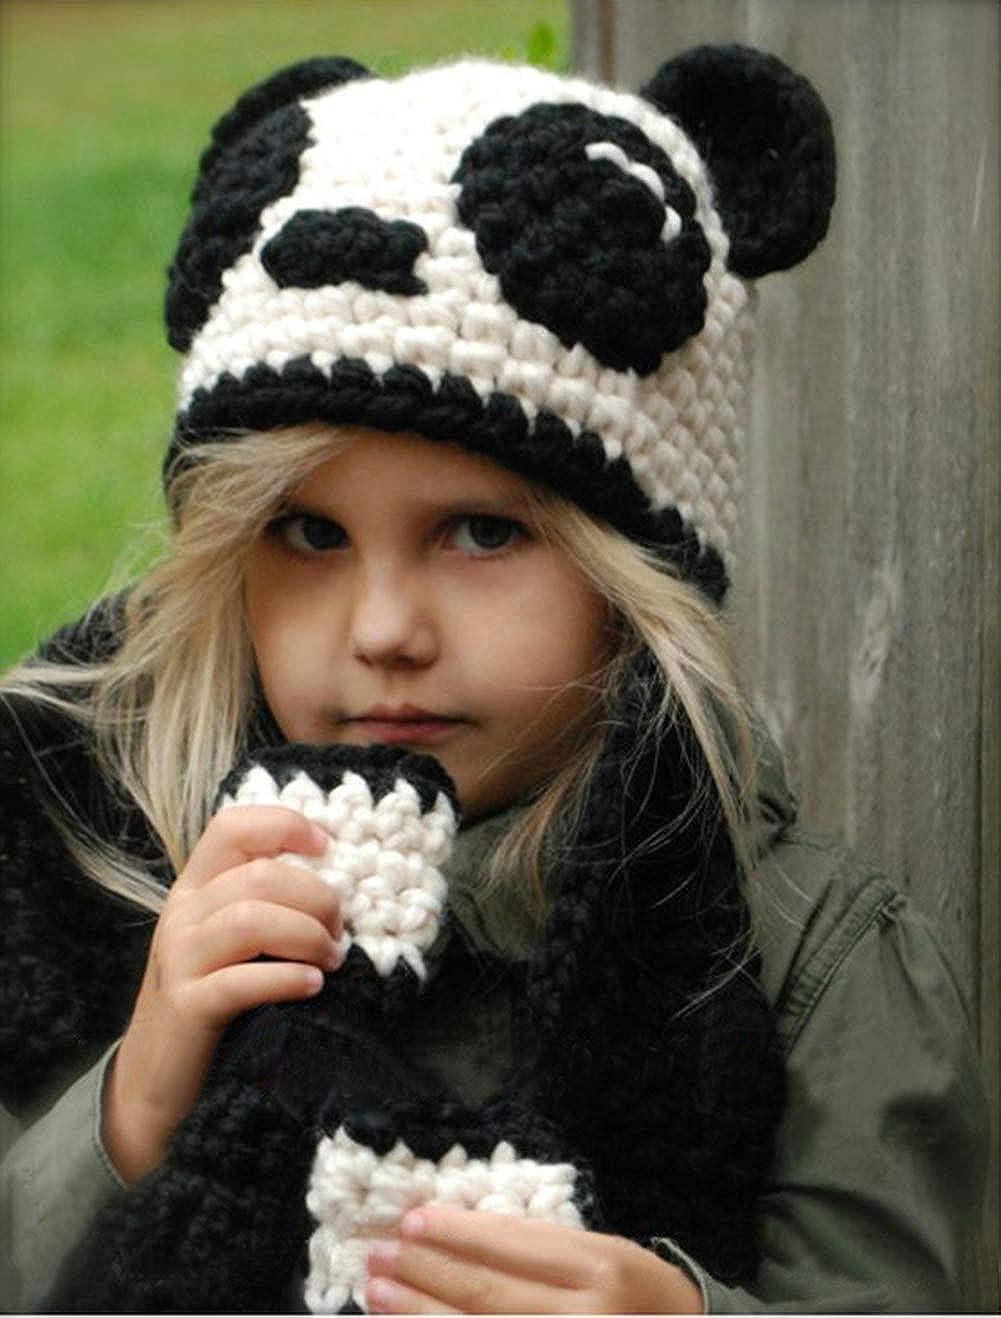 c1bea6ad336 Enfants Casquette Manteau Tricot Capuche Cagoule Enfants Animal Chapeau  Hiver Bonnet avec Écharpe Automne Tricot Chapeau Chaud bébé Garçons Filles